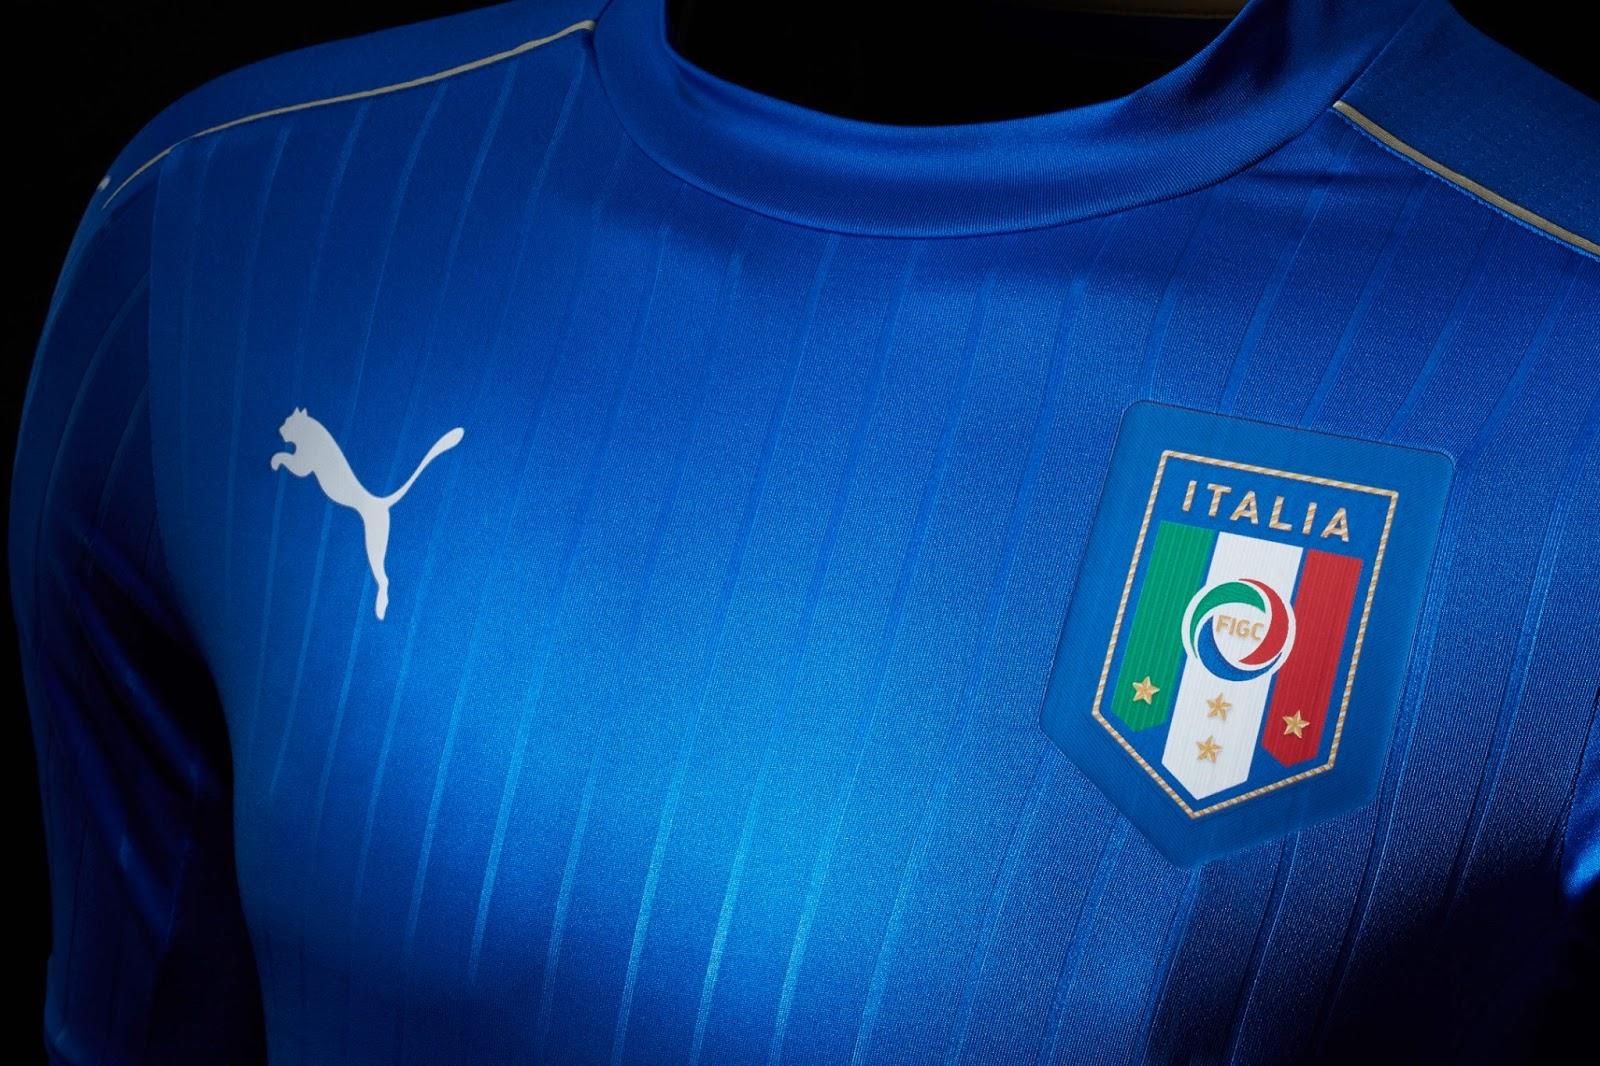 962040c68acdc Acquista puma maglia nazionale italiana